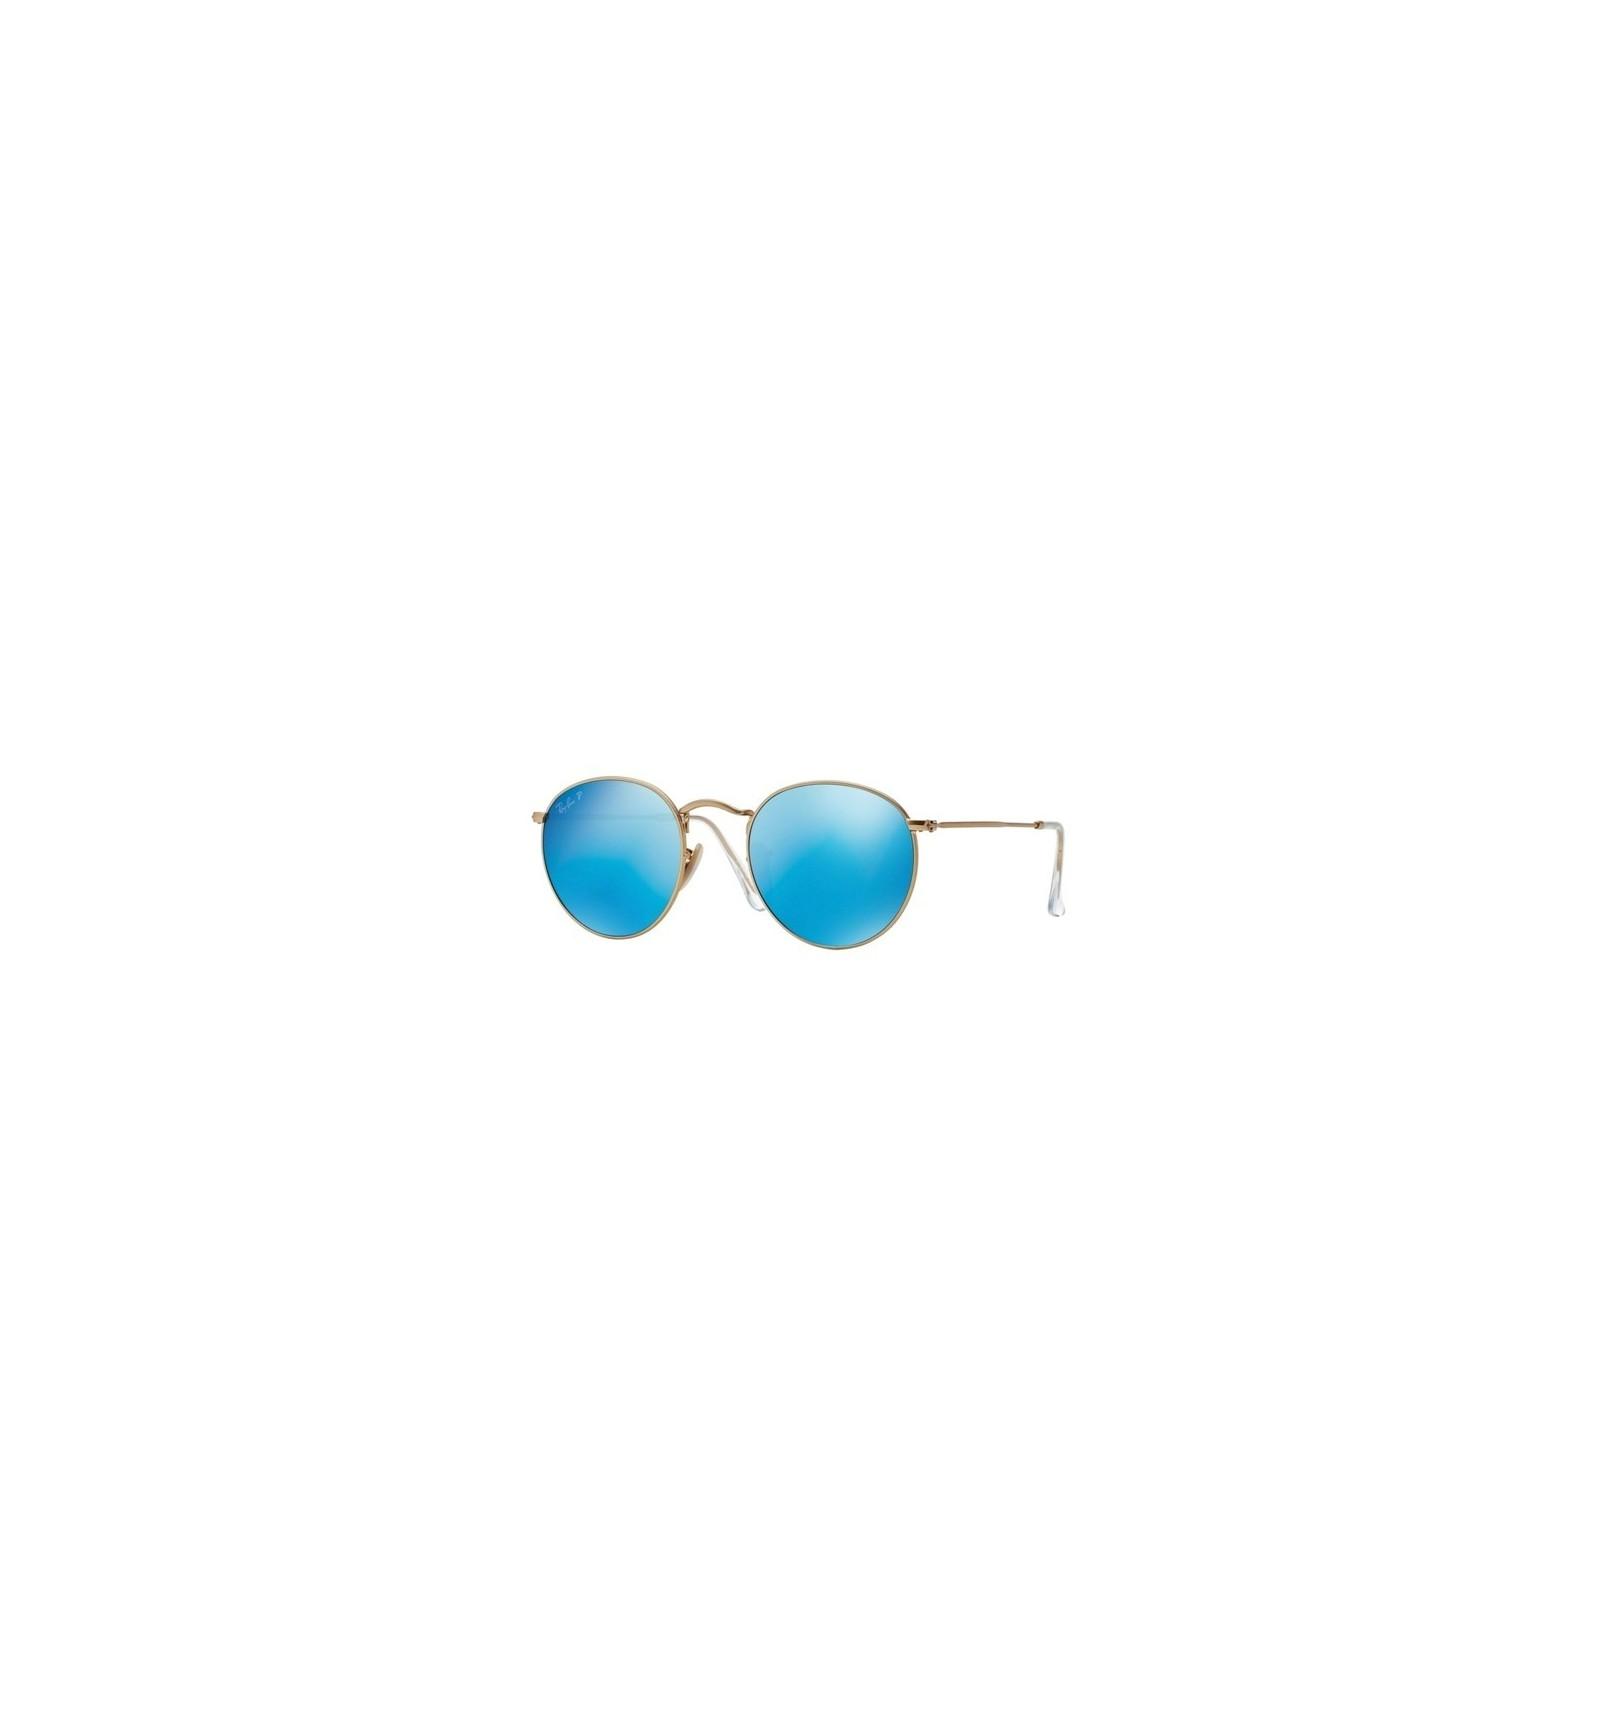 gafas ray ban polarizadas azul